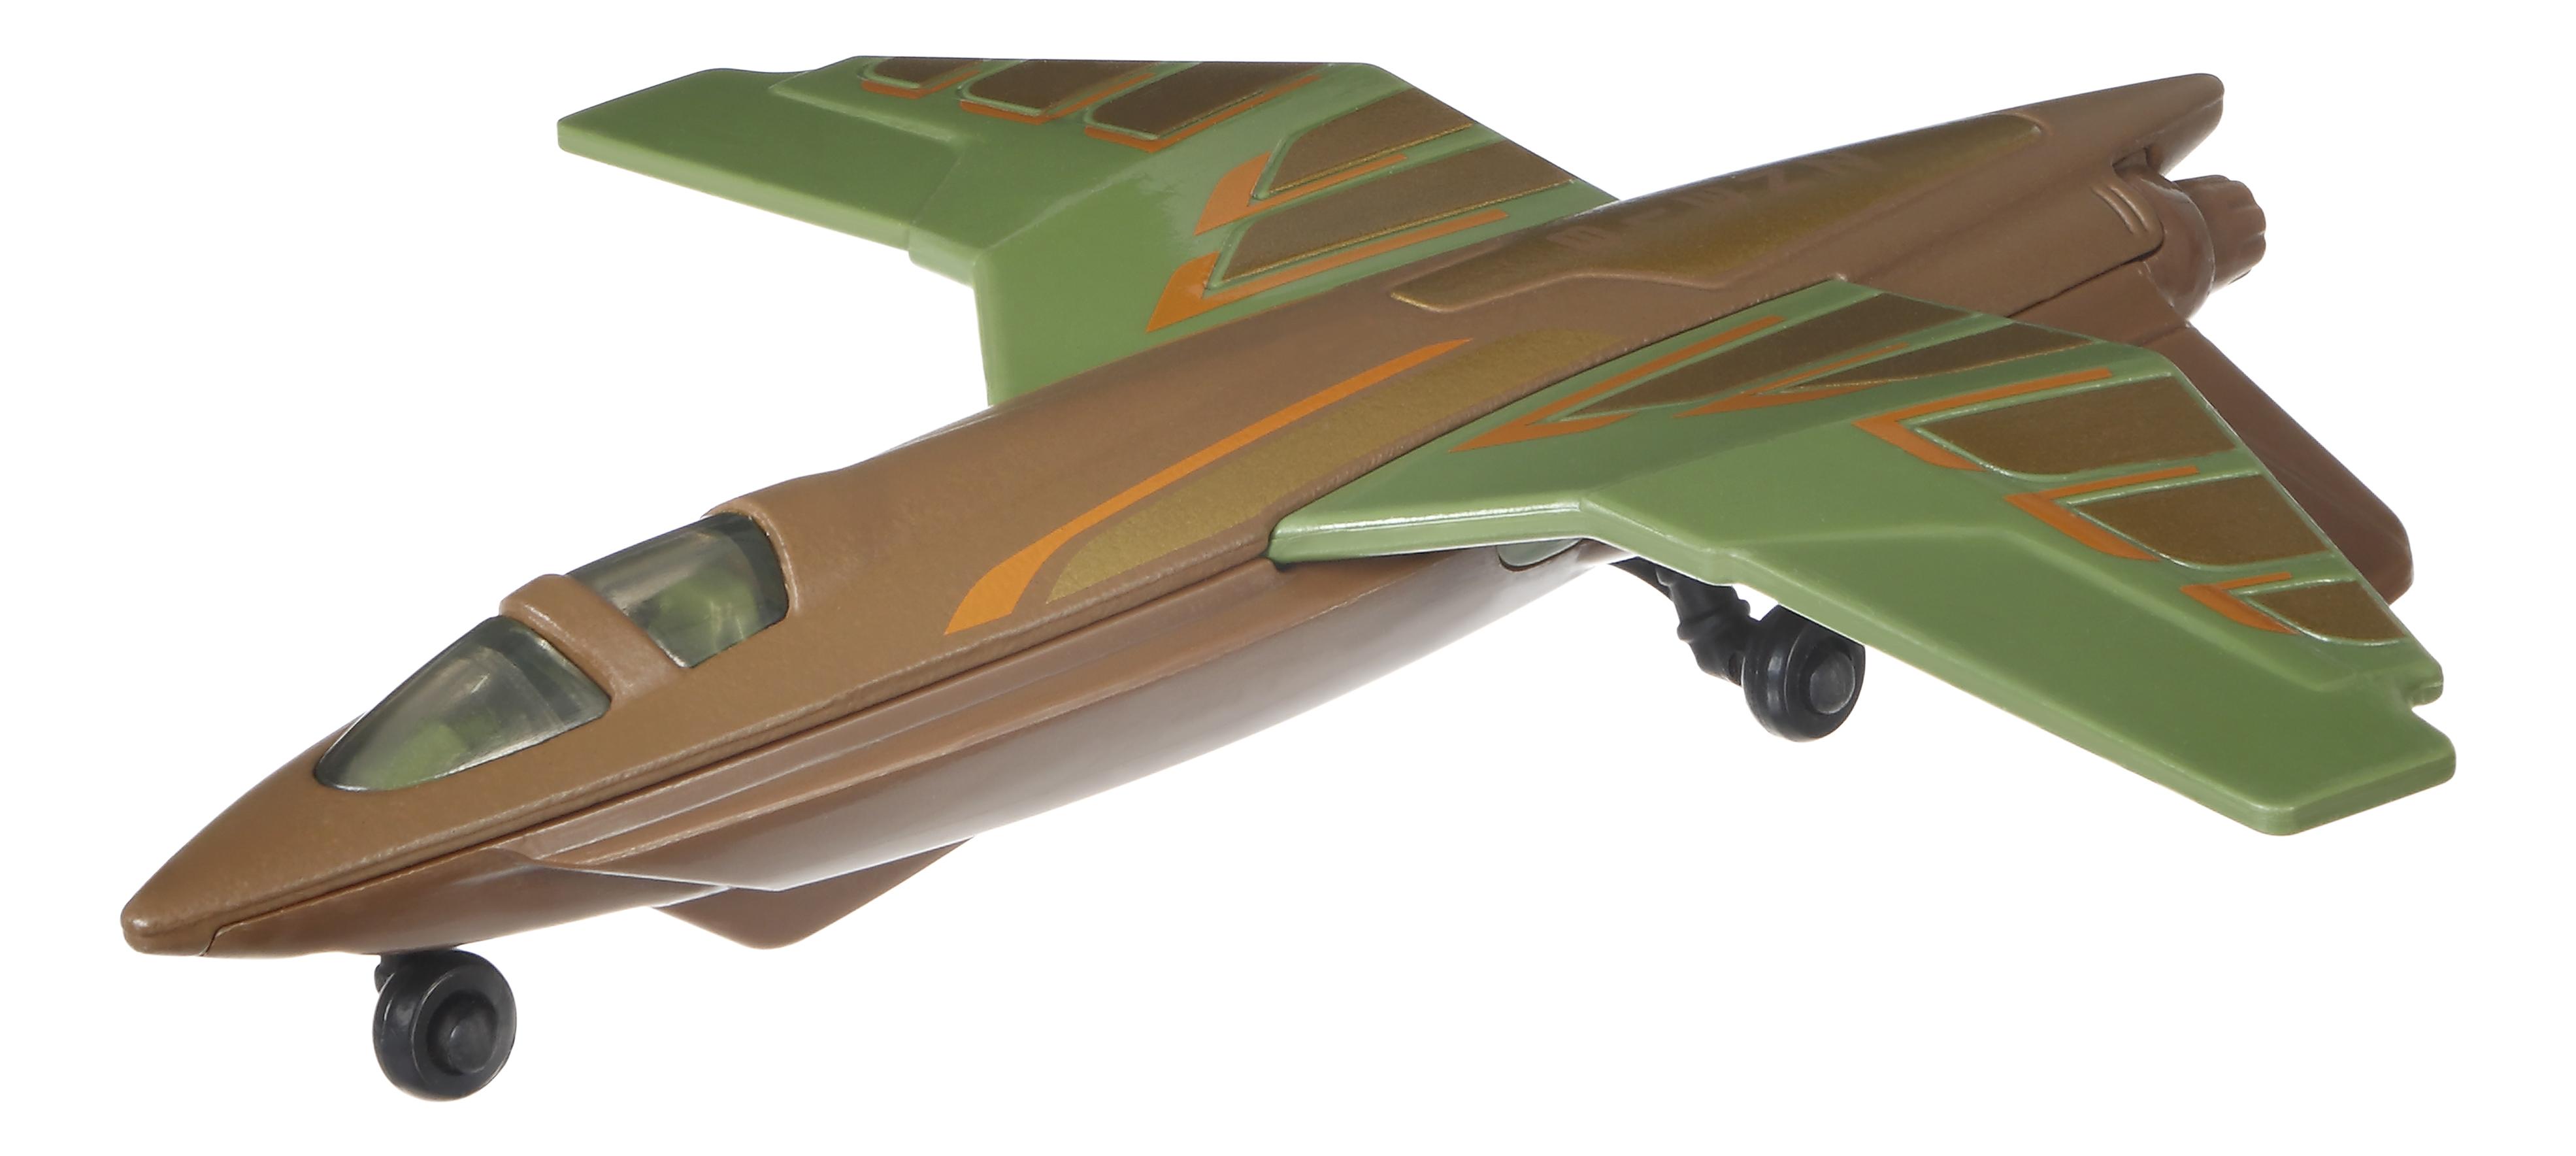 Купить Strike Hawk, Самолет Hot Wheels Самолёты BBL47 FCC86, Mattel, Коллекционные модели